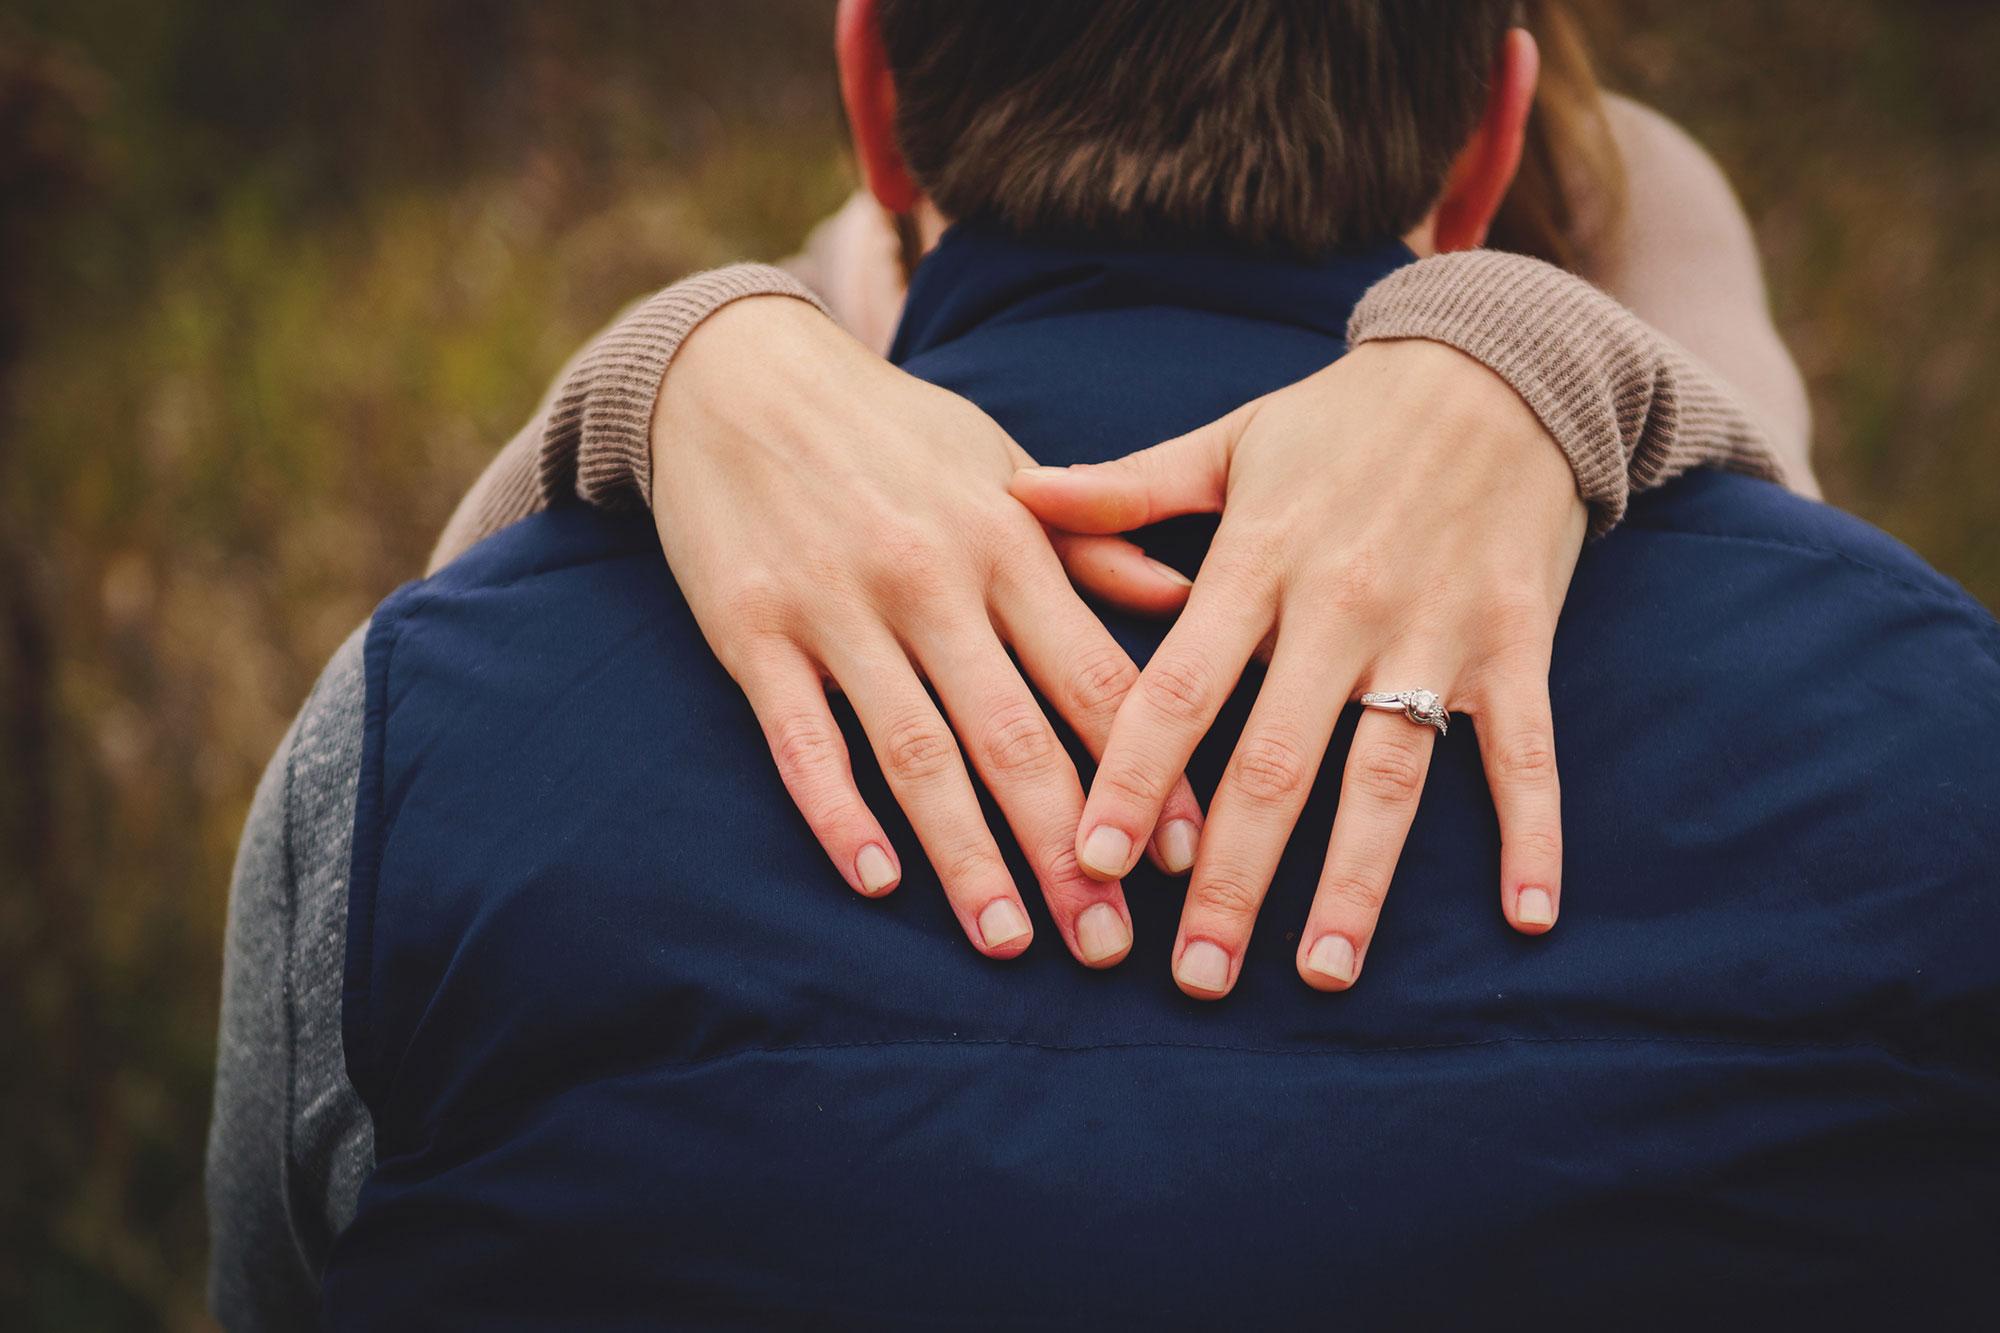 Newly engaged couple embracing